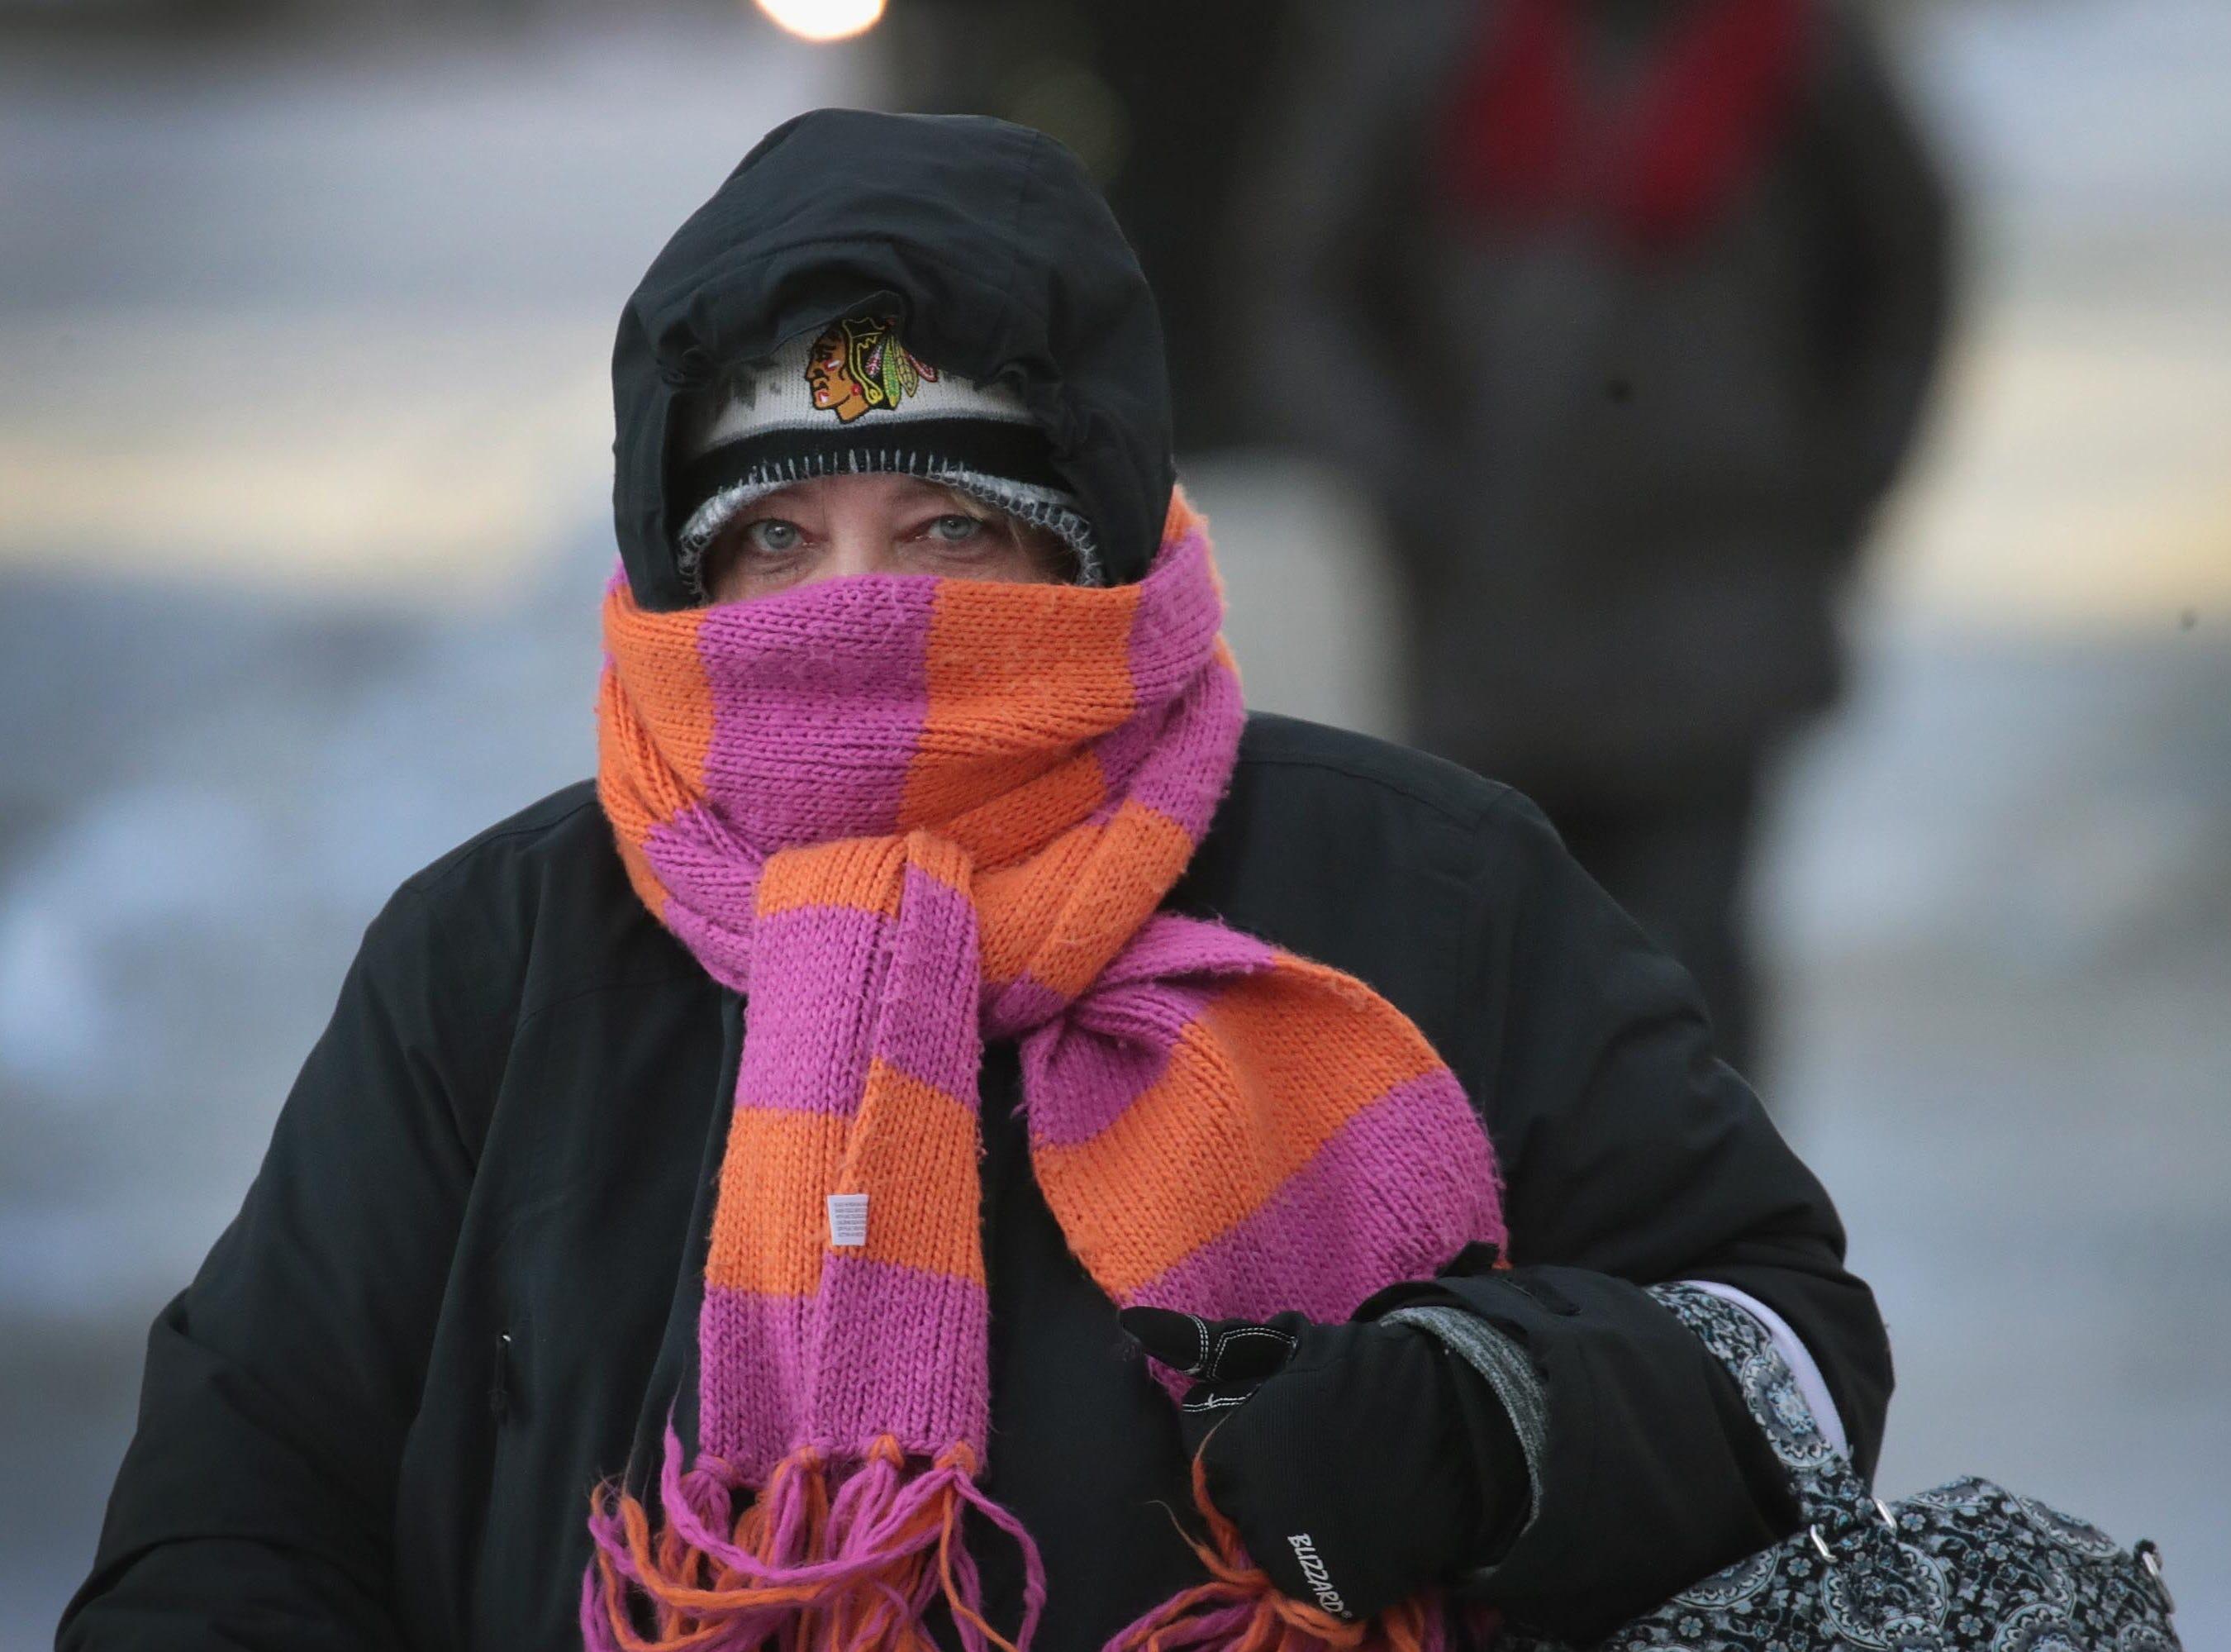 Una mujer camina por el centro de la ciudad en temperaturas bajo cero durante una hora punta de mañana extremadamente ligera el 30 de enero de 2019 en Chicago, Illinois.